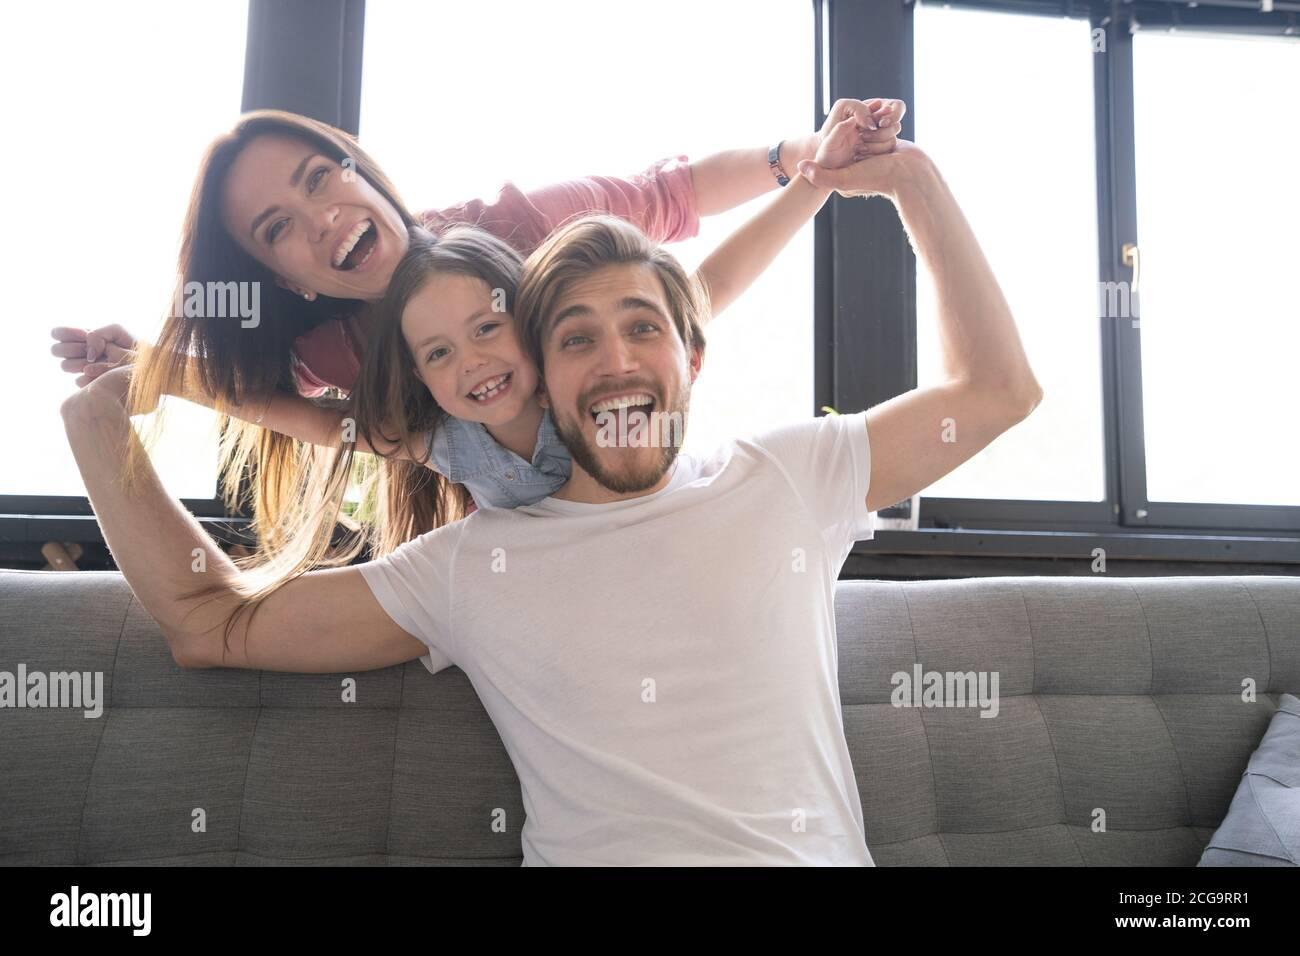 Felici genitori allegri che si divertono con le figlie carine che giocano sul divano Foto Stock